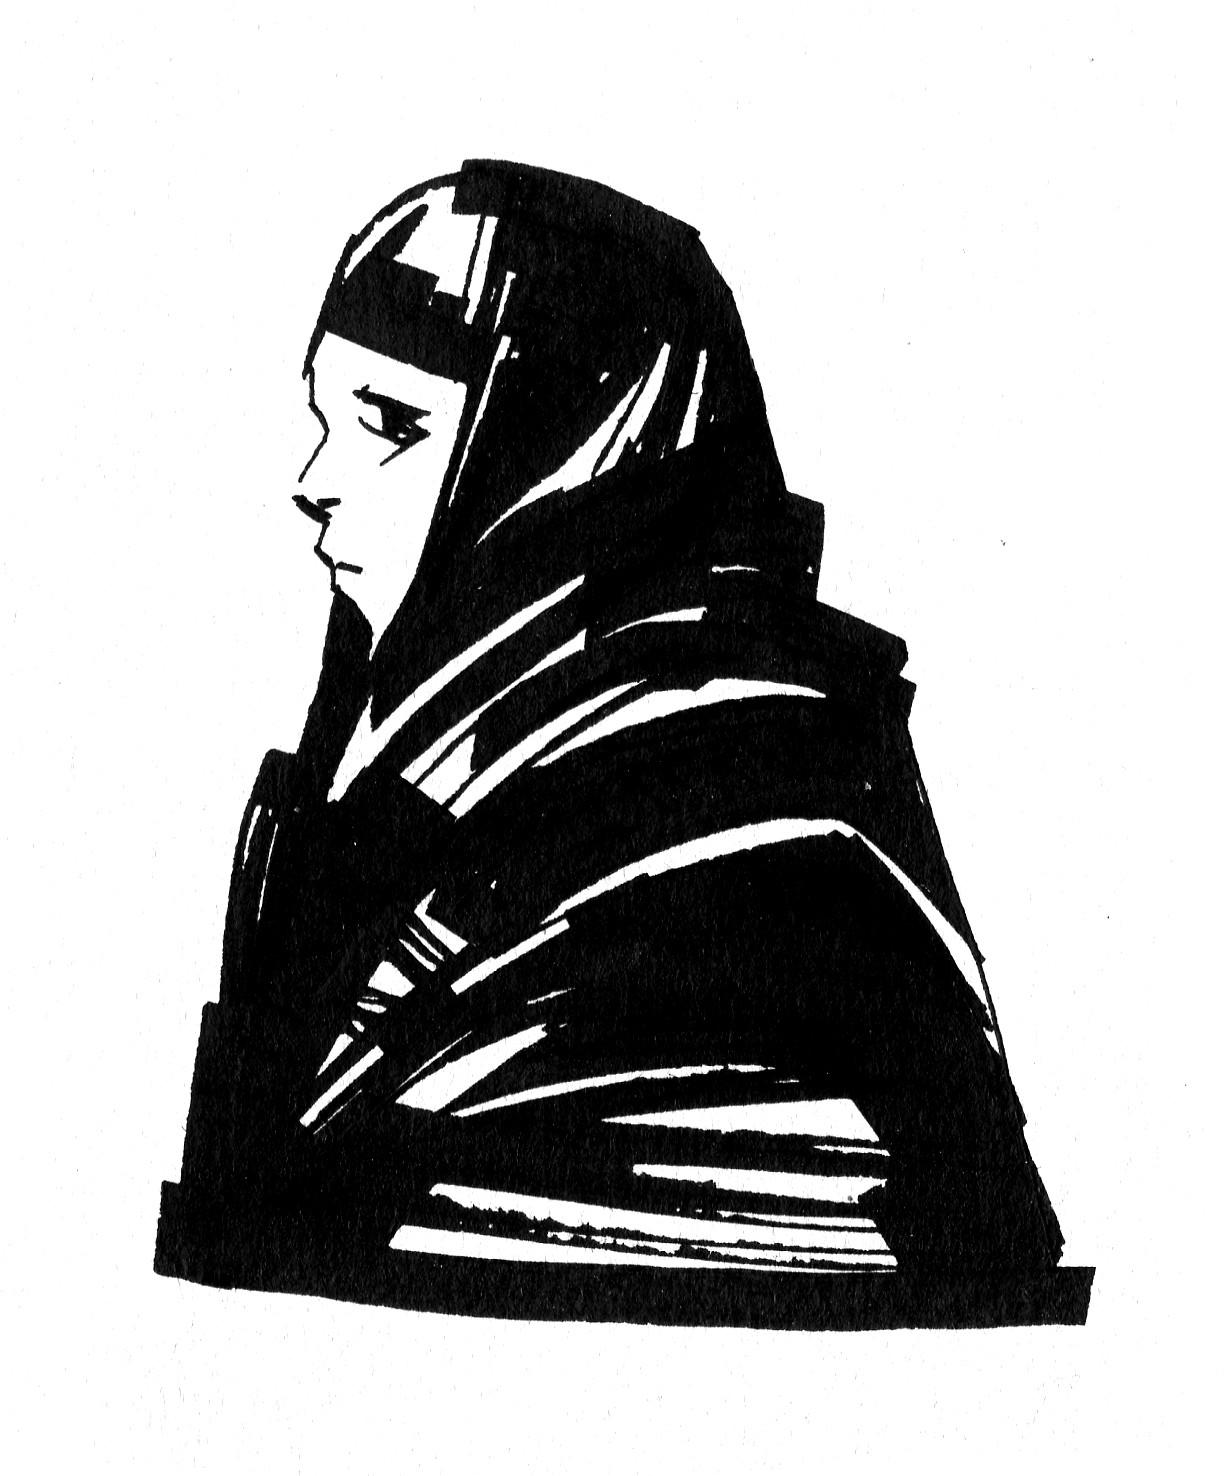 Renaud roche sketchbook14